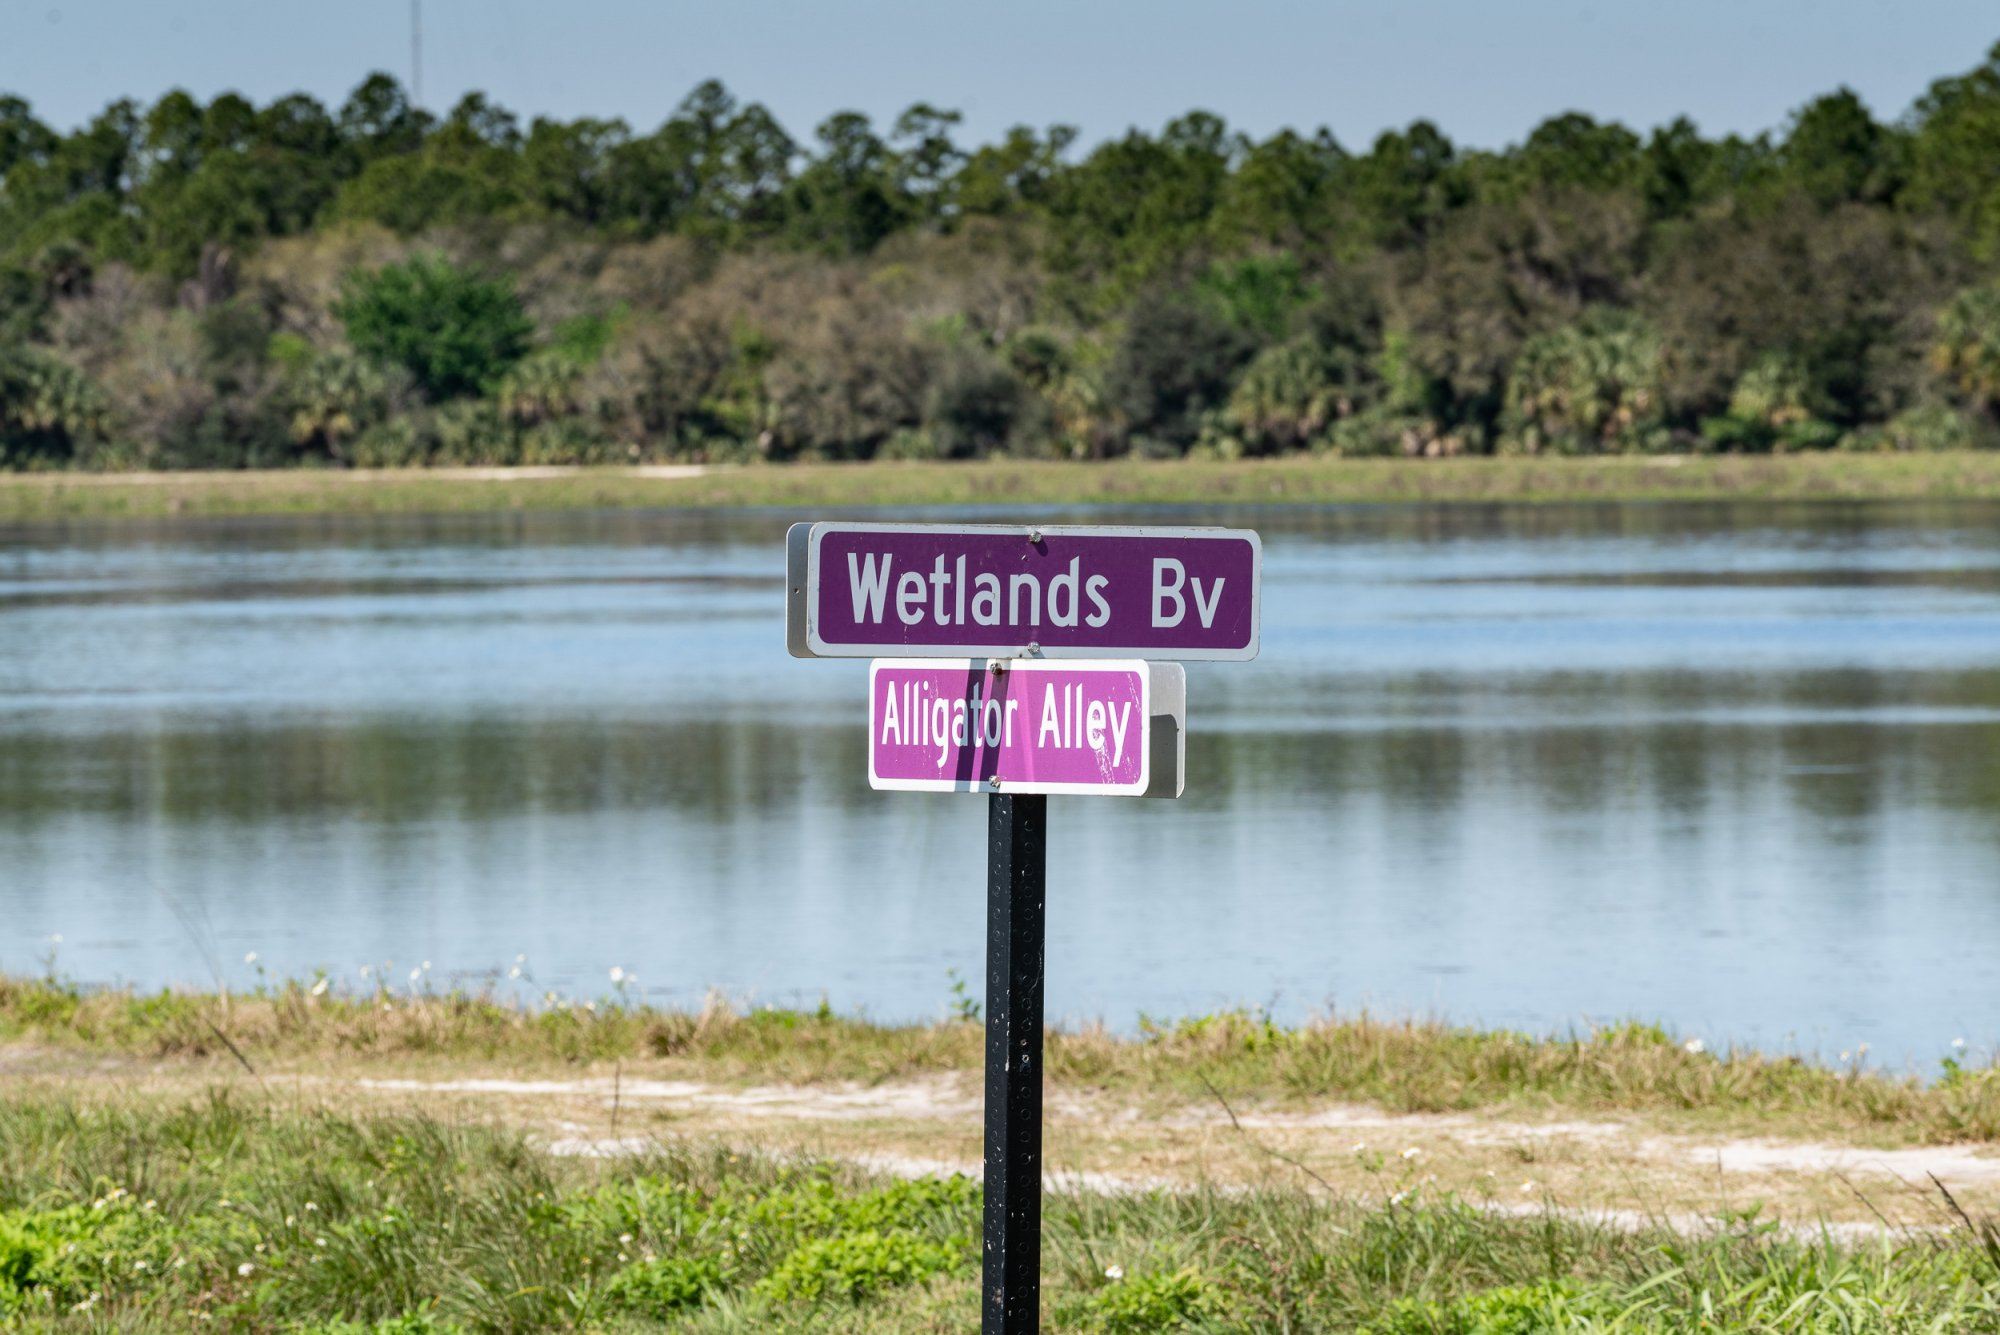 Wetlands Mar 2020-2500px-14.jpg